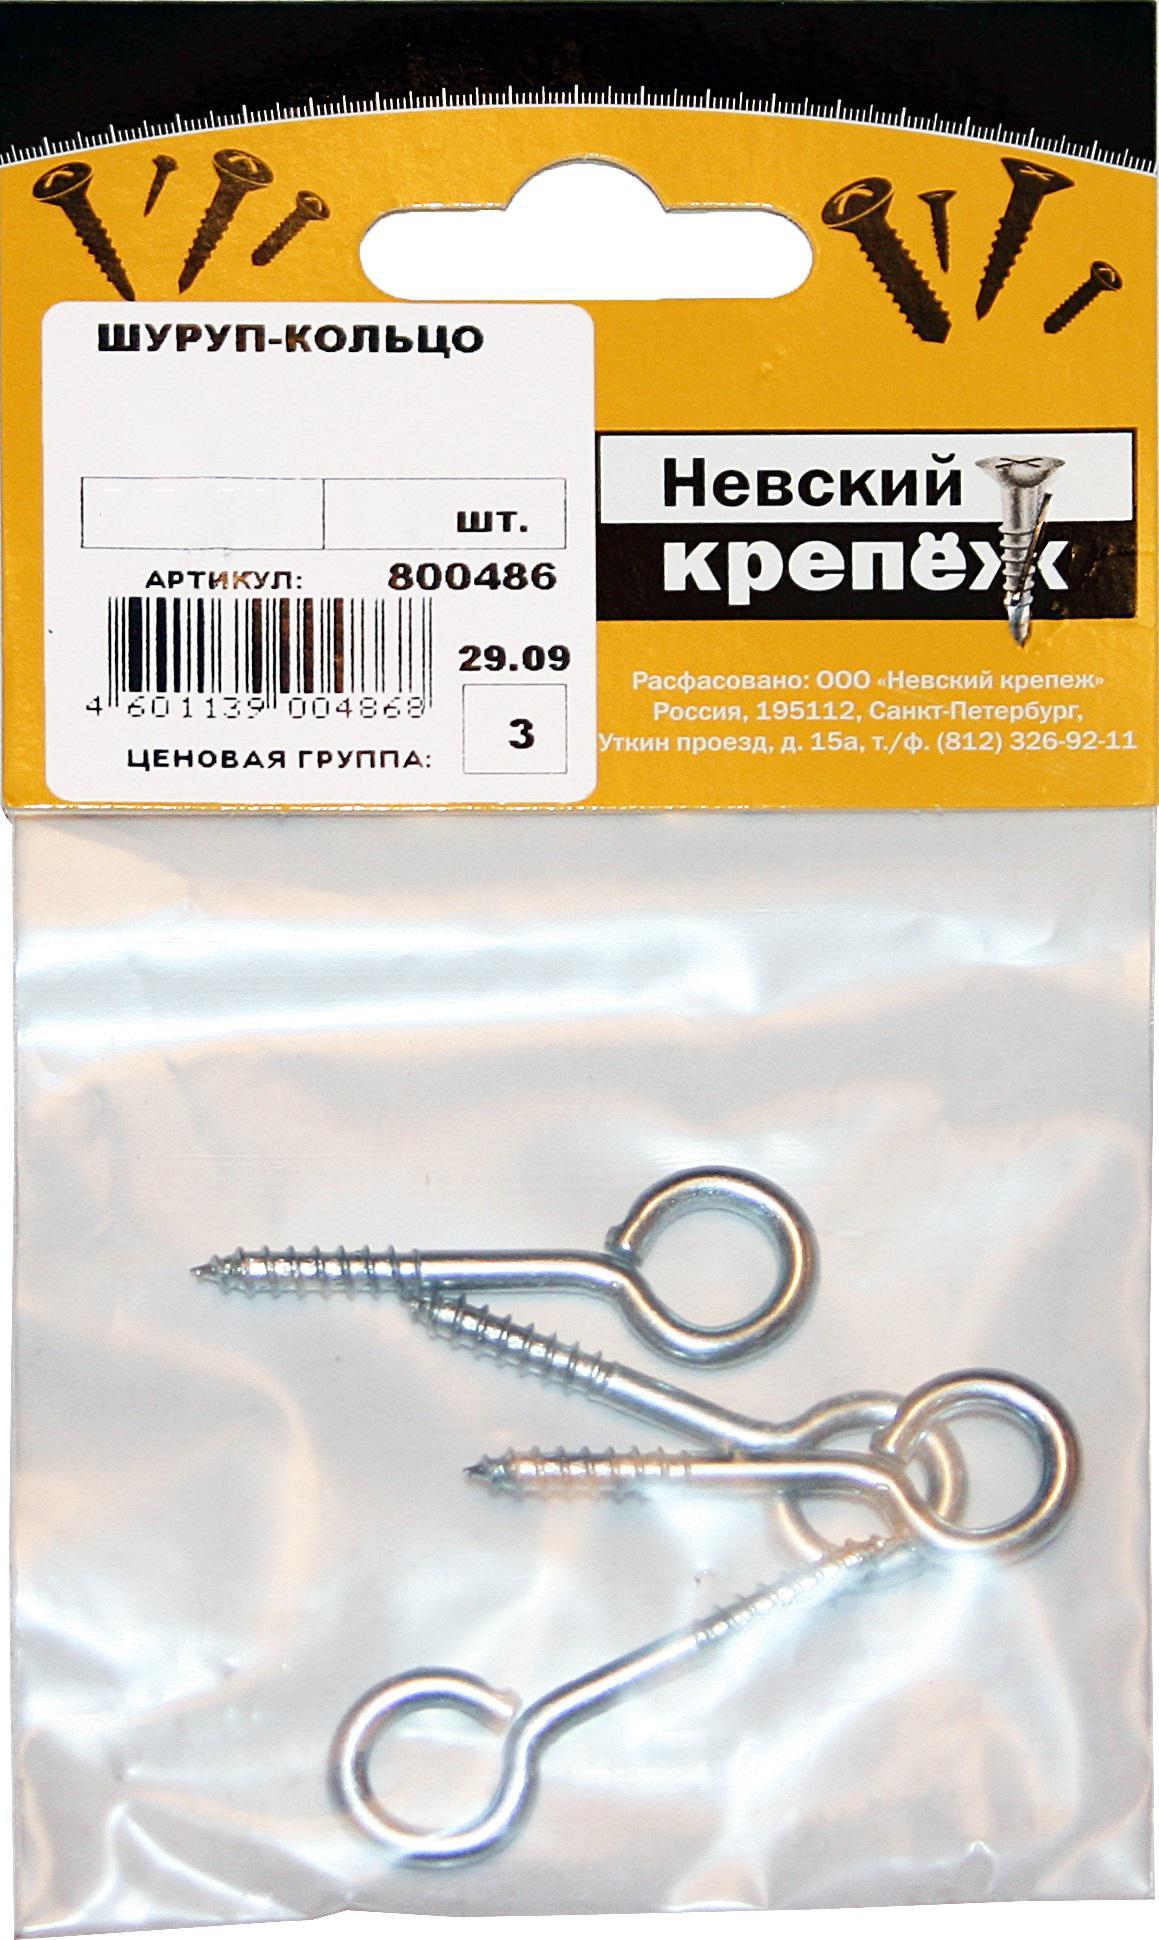 Шуруп-кольцо НЕВСКИЙ КРЕПЕЖ 800486 шуруп 3х16 ун ж пасс 30шт